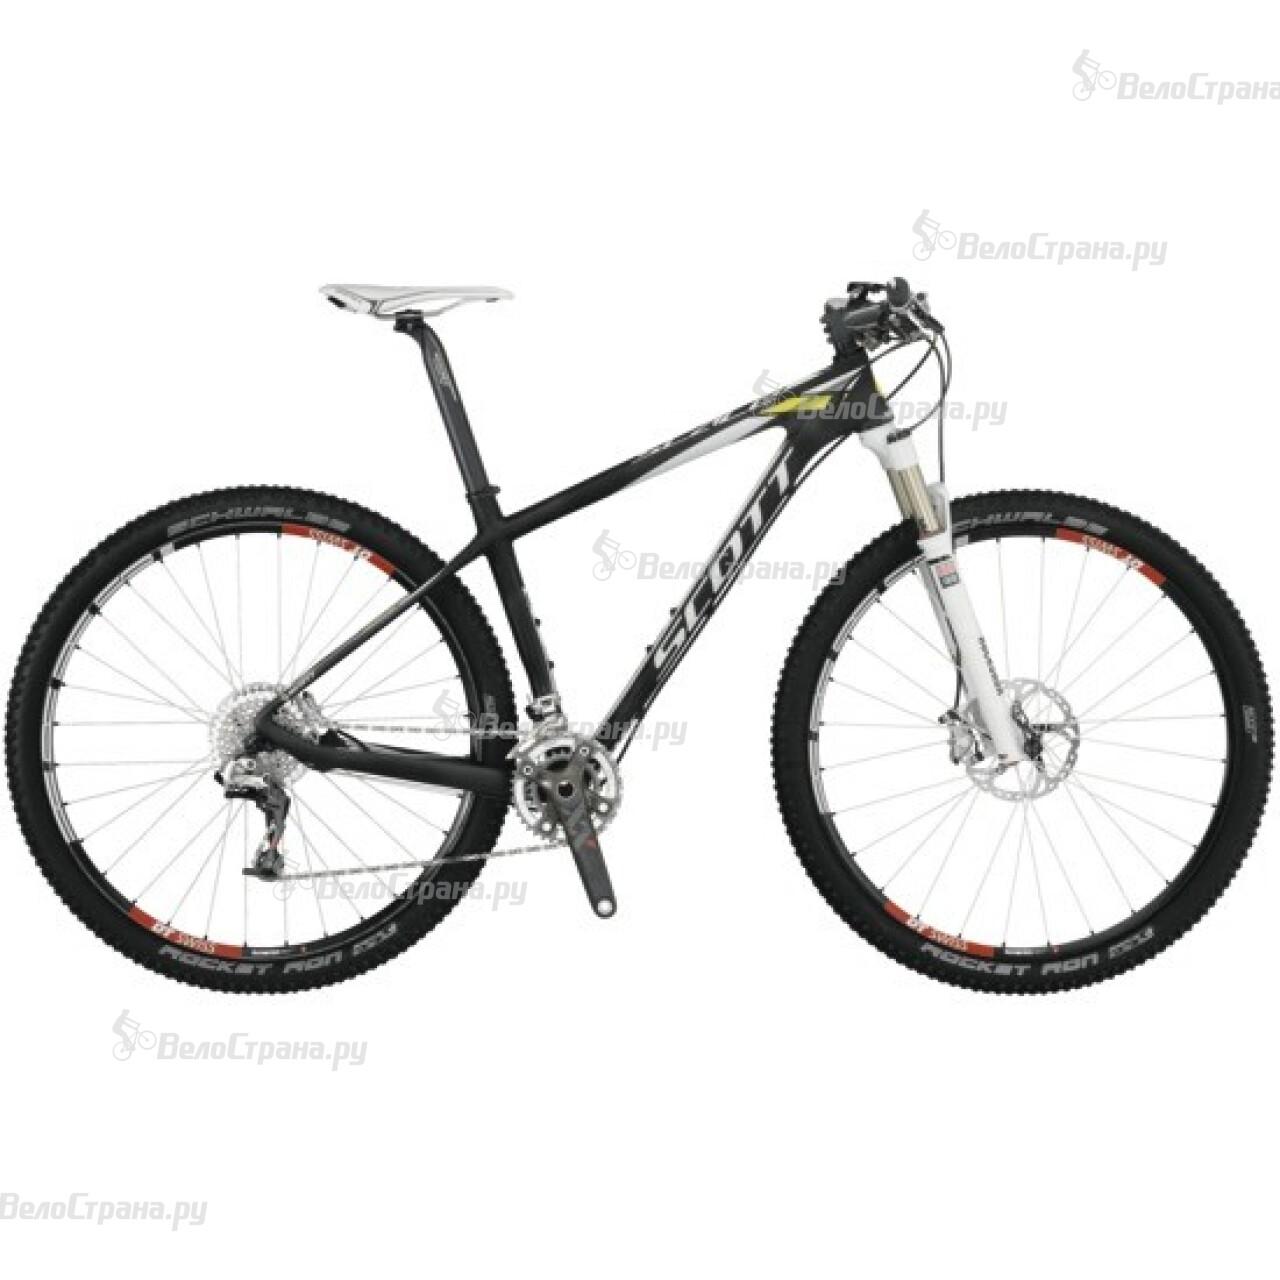 Велосипед Scott Scale 900 RC (2013) scott scale 700 rc 2016